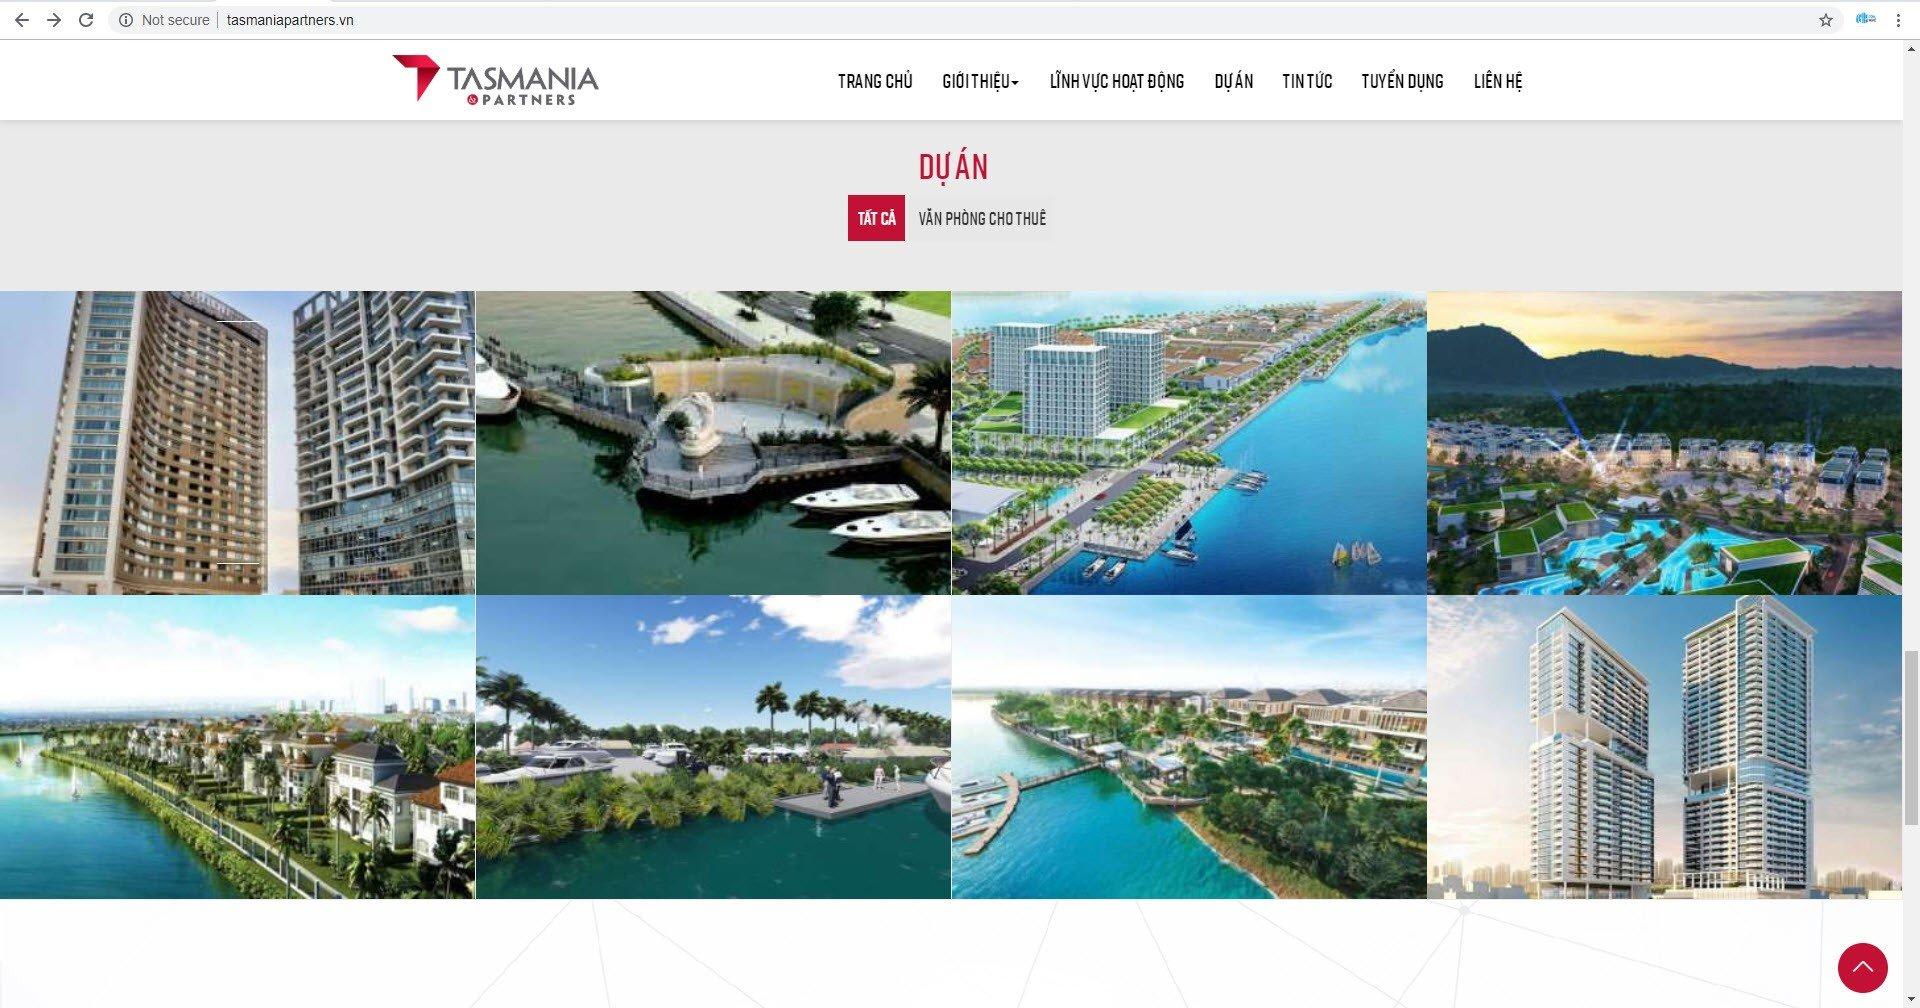 Giao diện website thương hiệu tasmaniapartners.vn - Hình 3